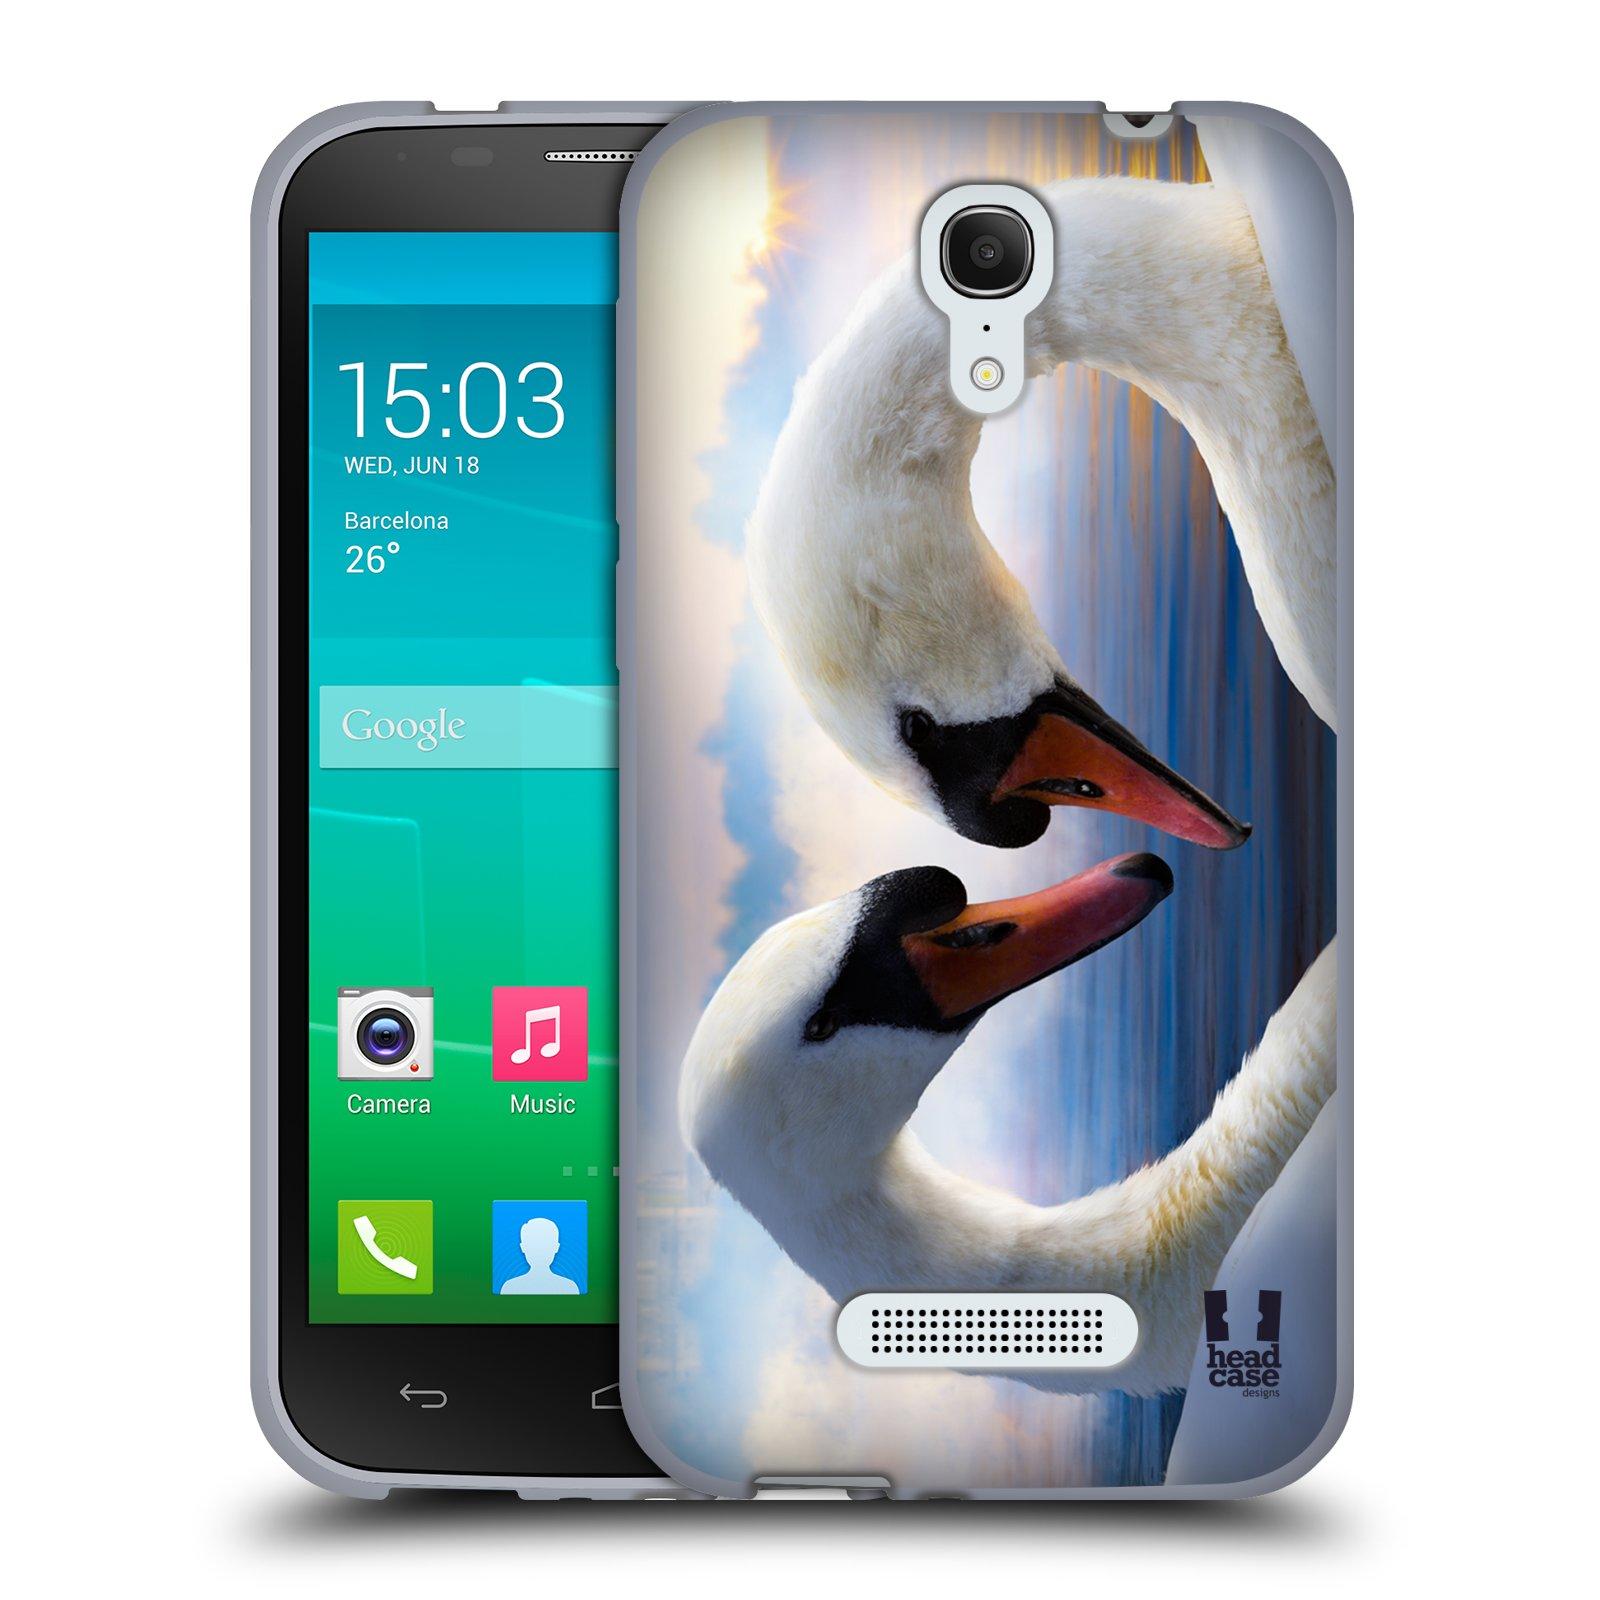 HEAD CASE silikonový obal na mobil Alcatel POP S7 vzor Divočina, Divoký život a zvířata foto ZAMILOVANÉ LABUTĚ, LÁSKA